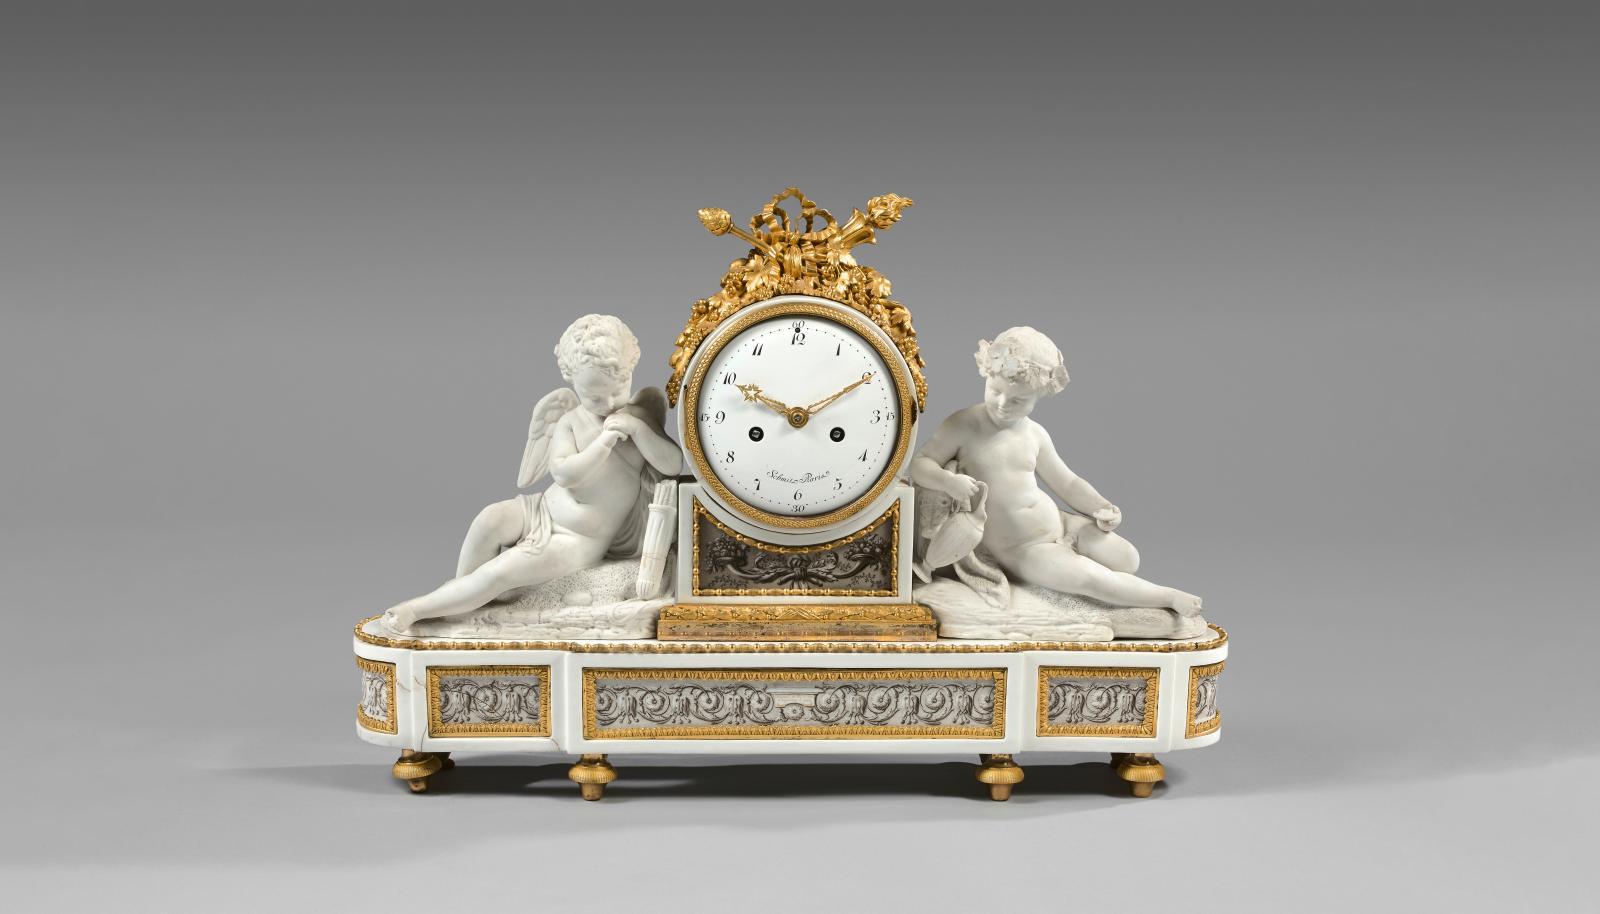 Pendule ornée d'un amour avec Bacchus enfant en biscuit et bronze doré,base en porcelaine dure ornée de rinceaux «Salembier», Manufacture